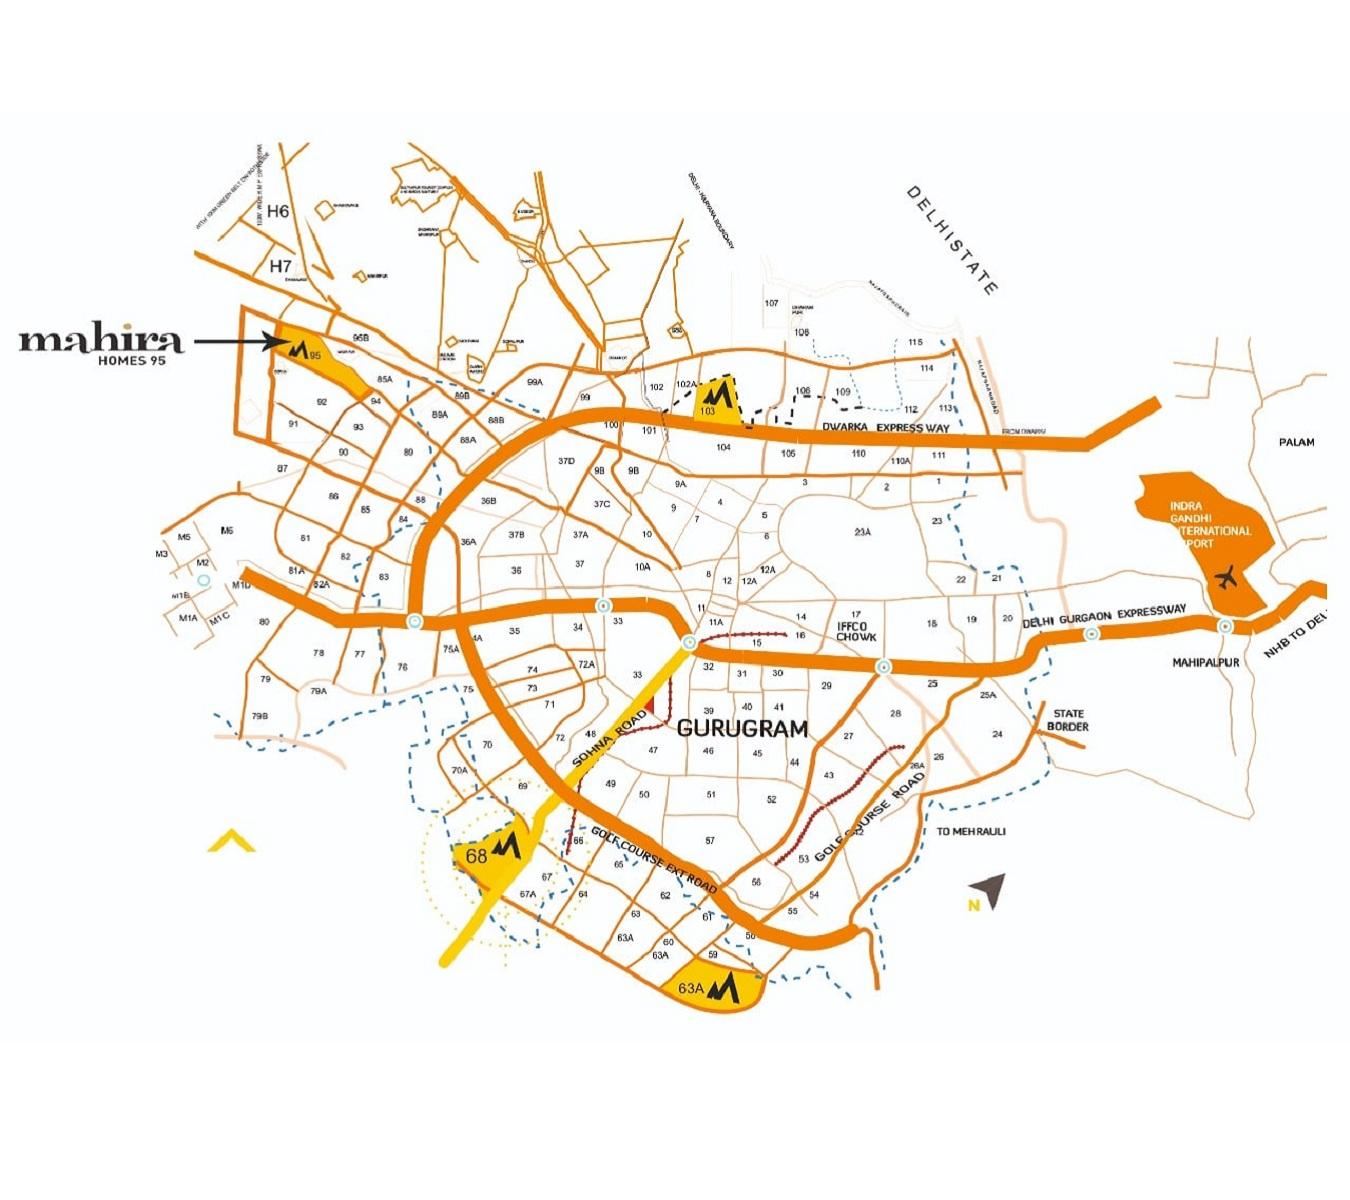 Mahira Homes 95 Layout Plan